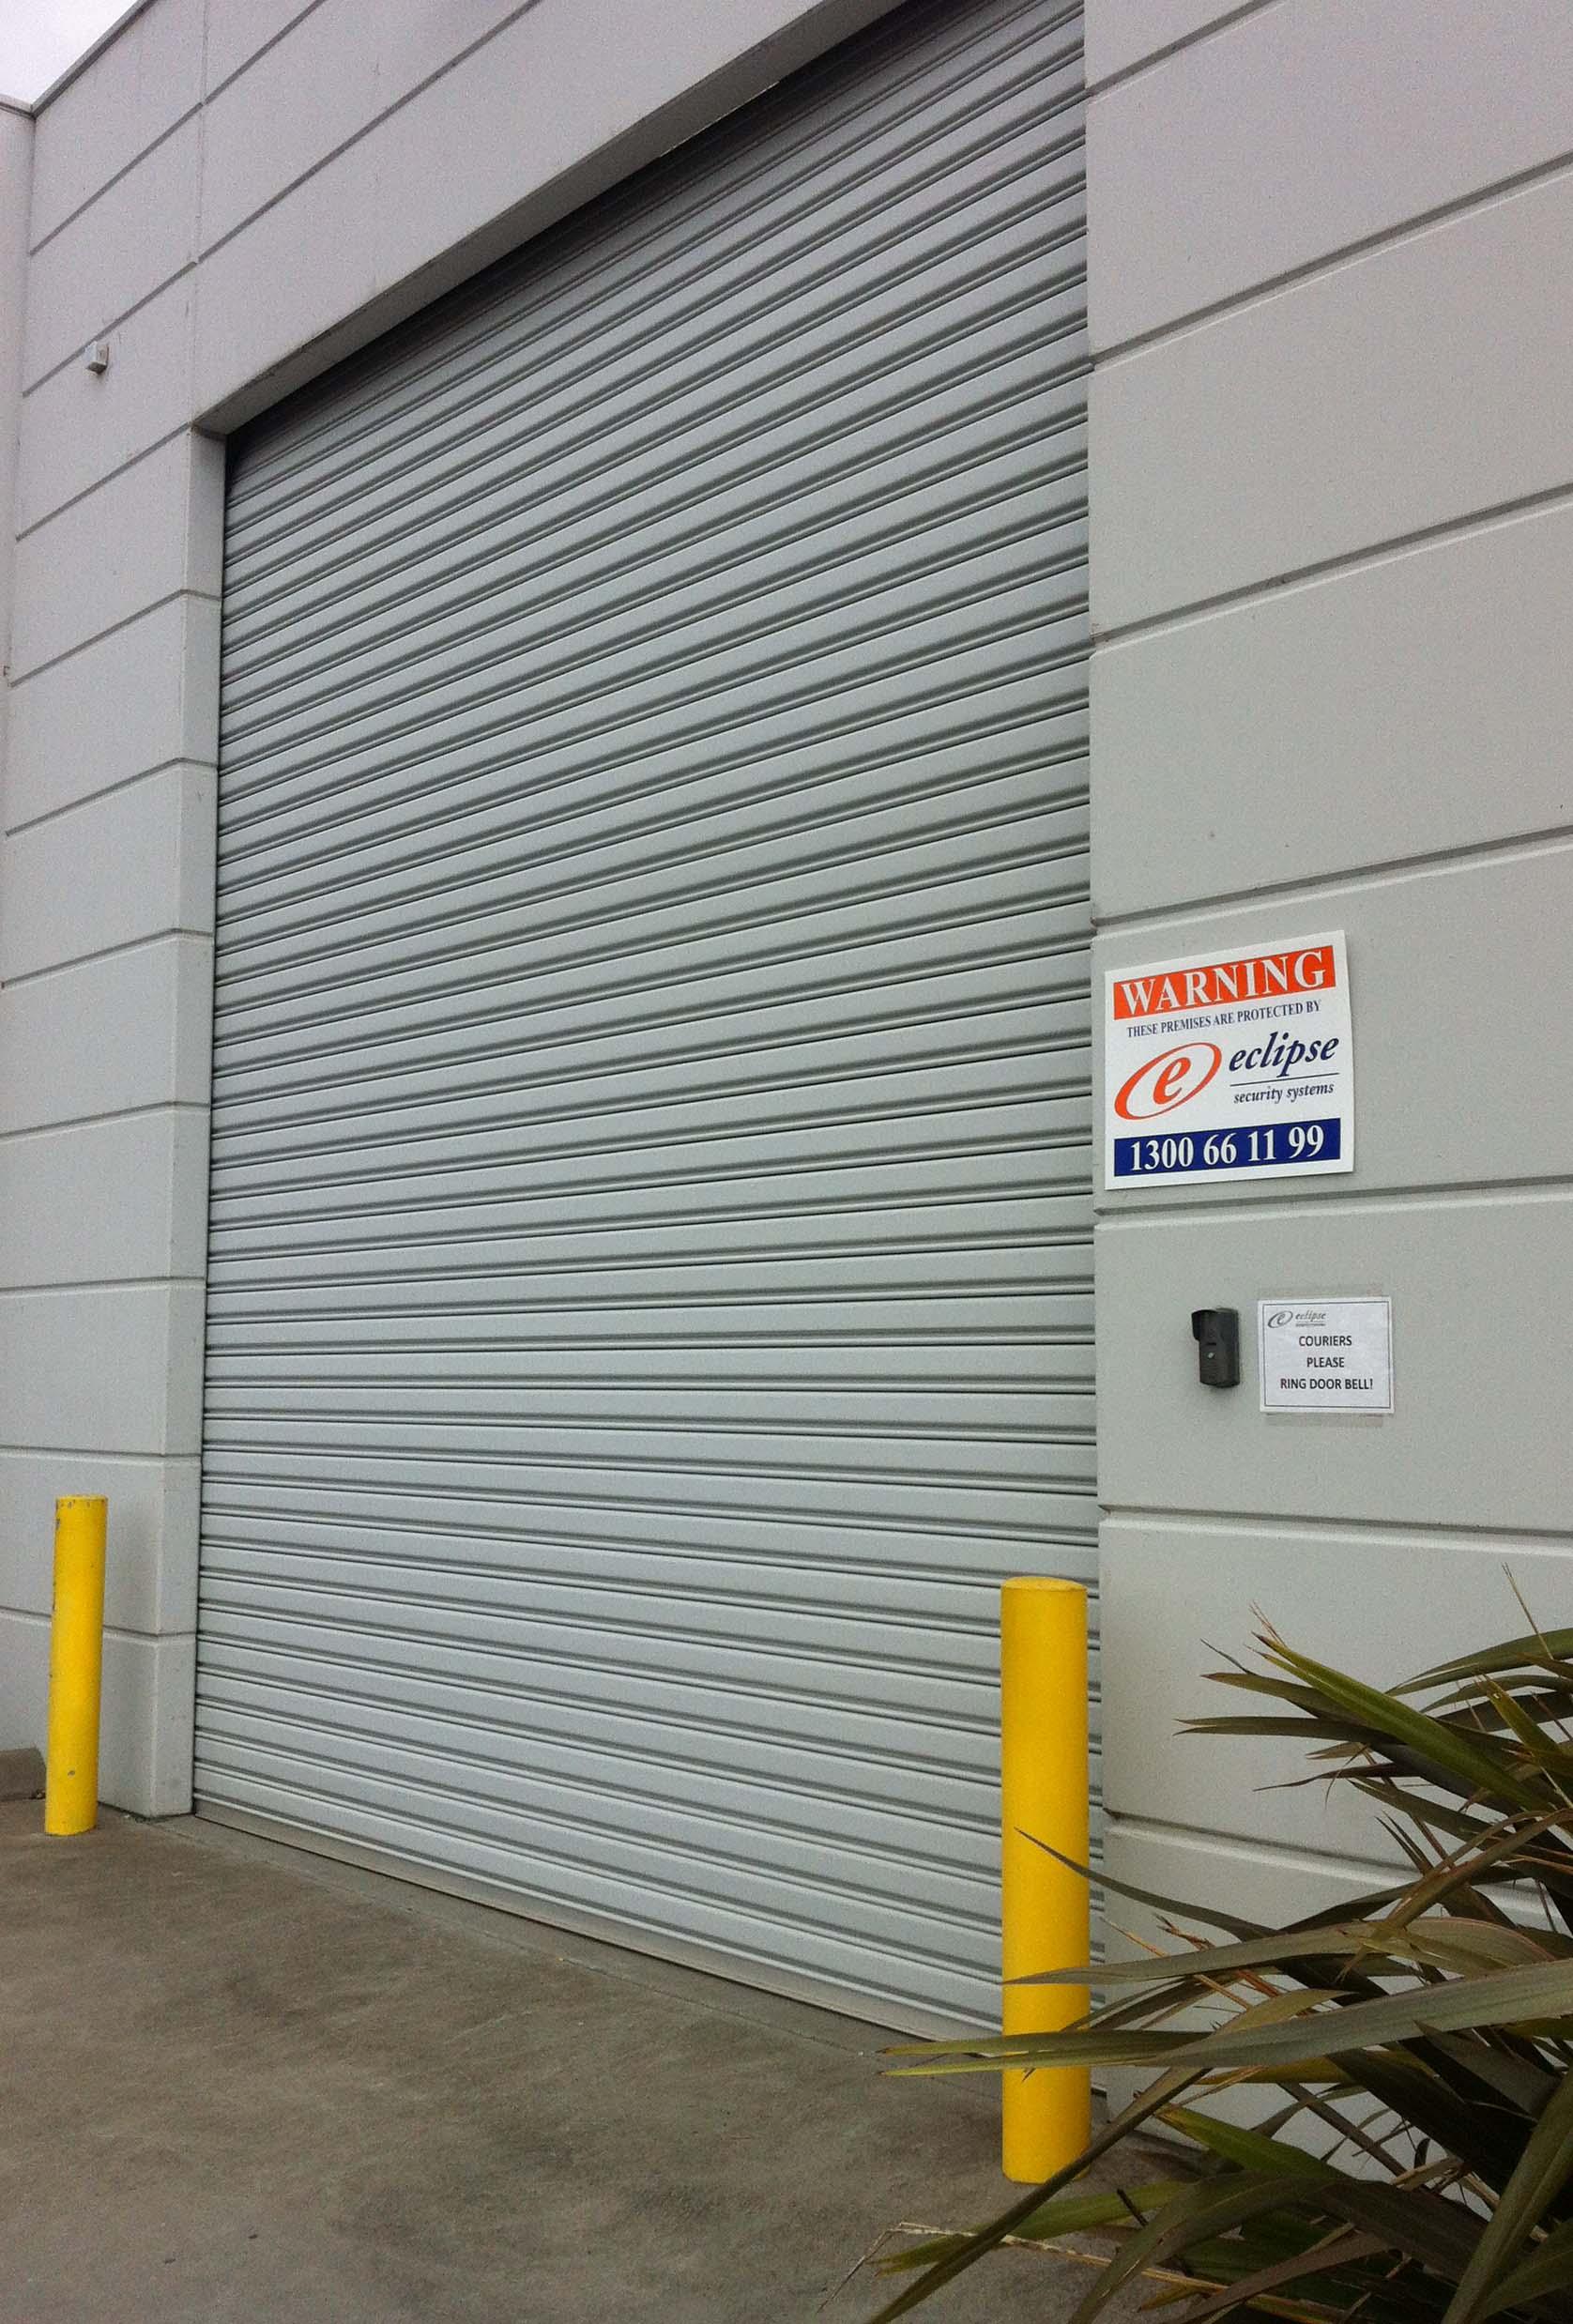 Security Warning Sign, External